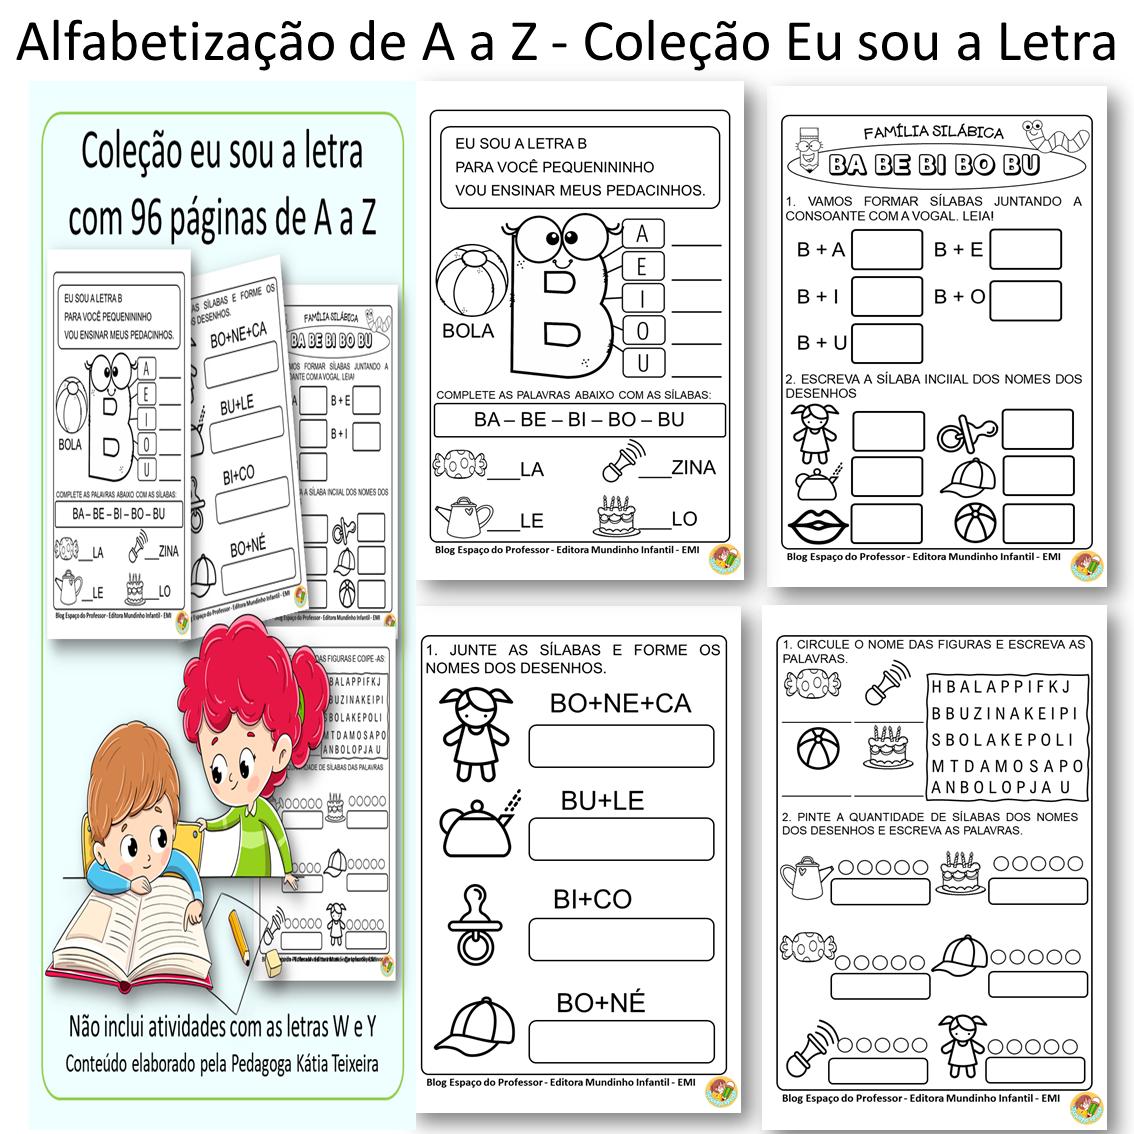 Foto 1 - Apostila de Alfabetização Coleção Eu sou a Letra com 96 páginas